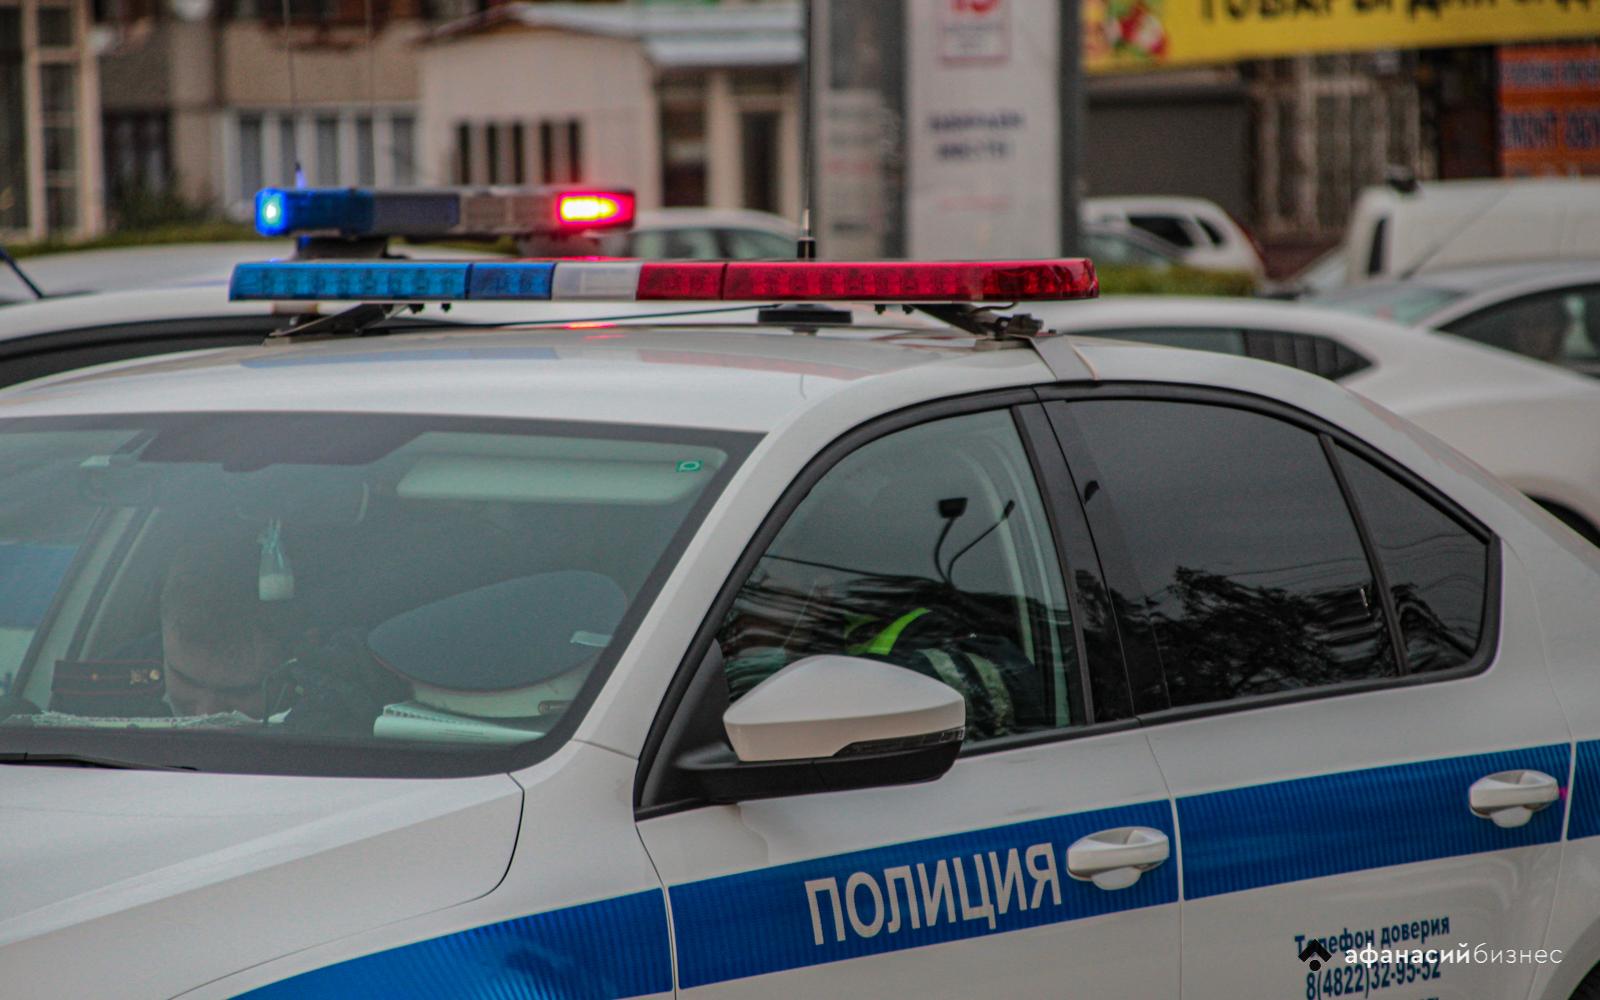 В Твери девушку госпитализировали после ДТП с участием пьяного водителя